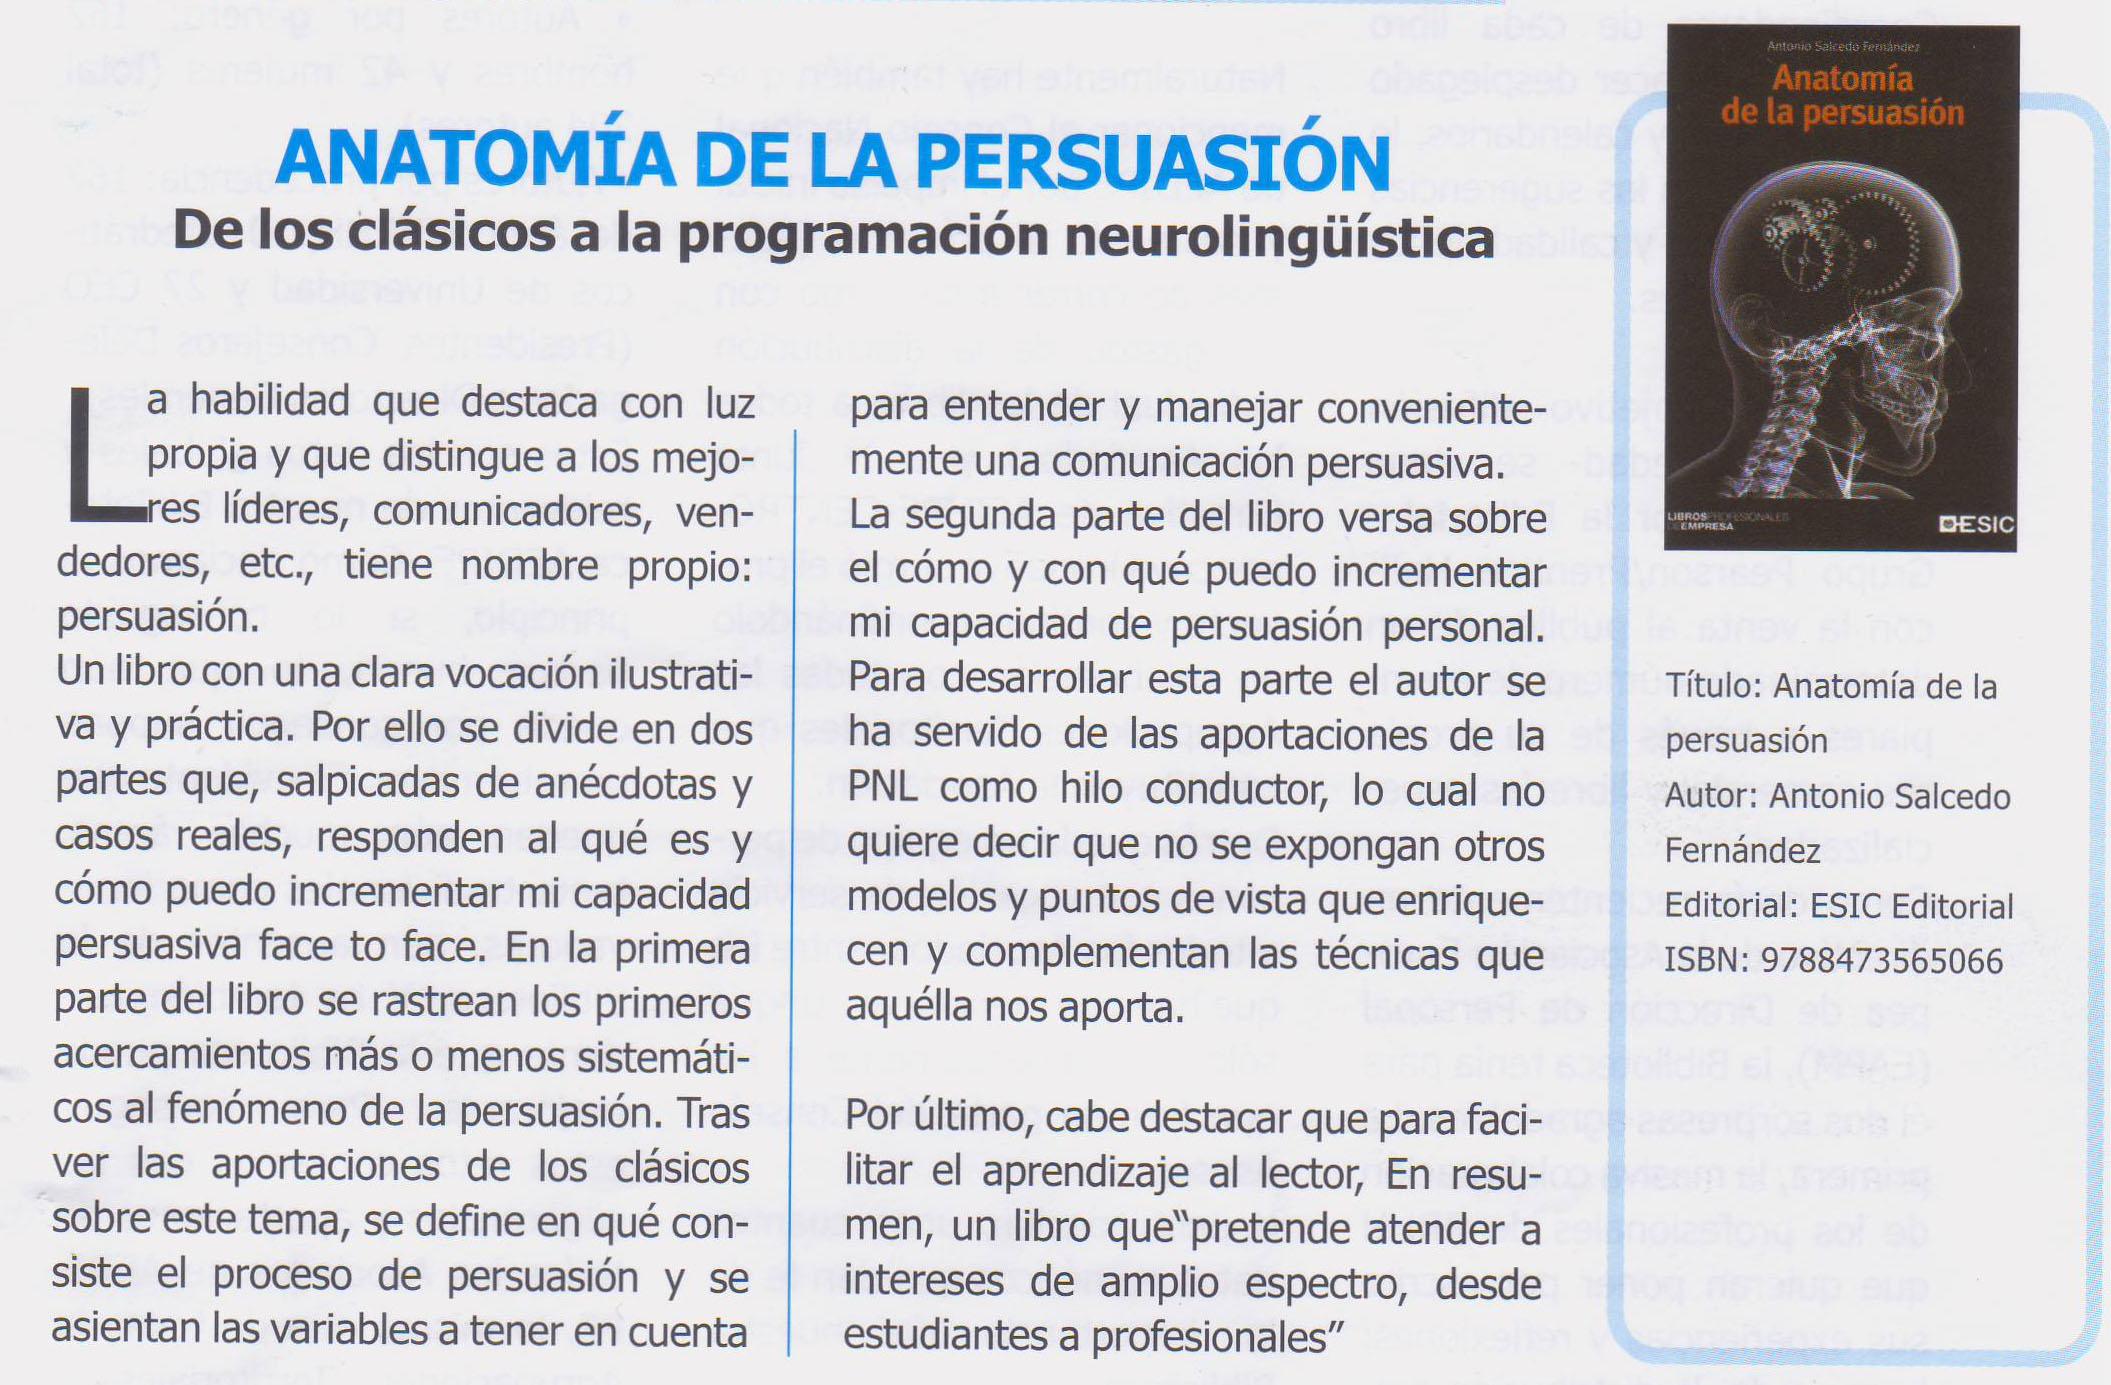 Anatomía de la persuasión - Recursos Humanos